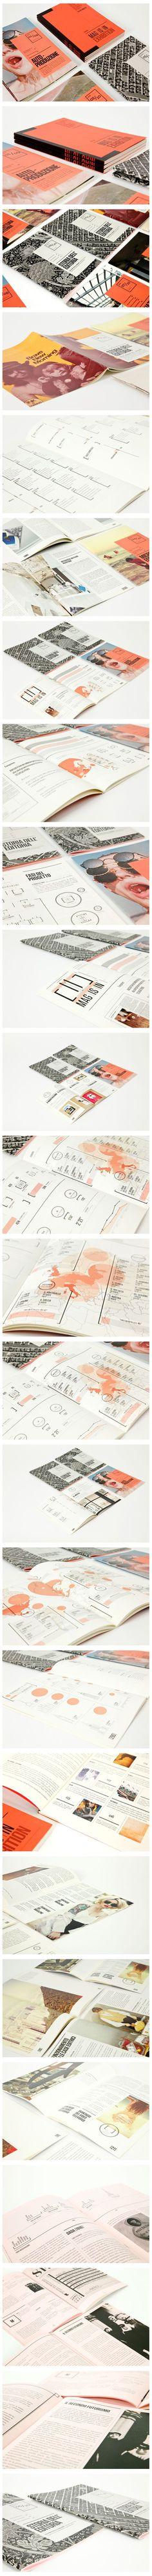 画像 : 【海外】 格好良すぎるグラフィック & エディトリアルデザイン 参考画像集 - NAVER まとめ